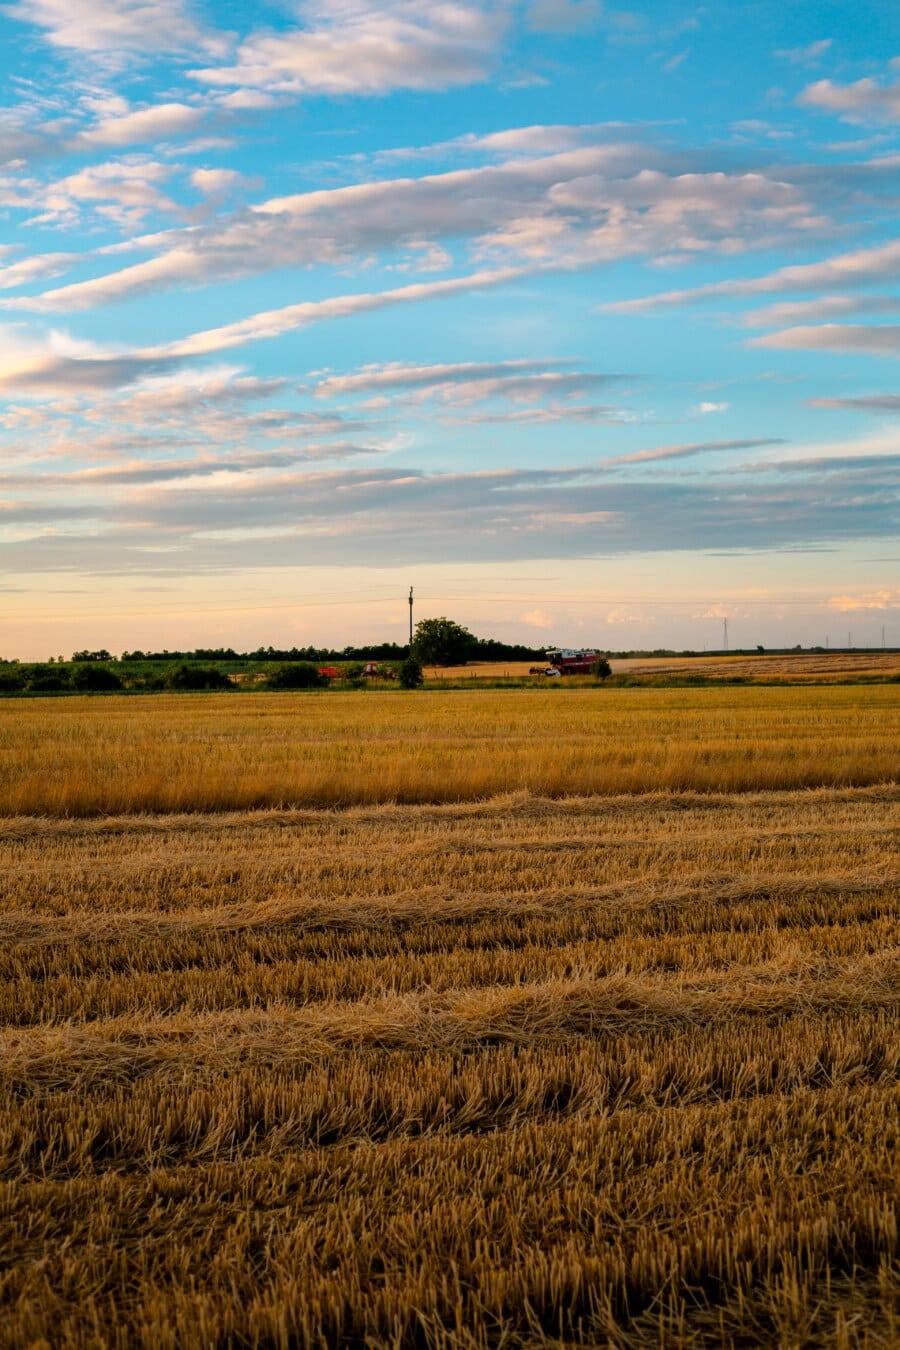 blé, champ de blé, harvest, les terres agricoles, Agriculture, rural, paysage, céréale, domaine, prairie